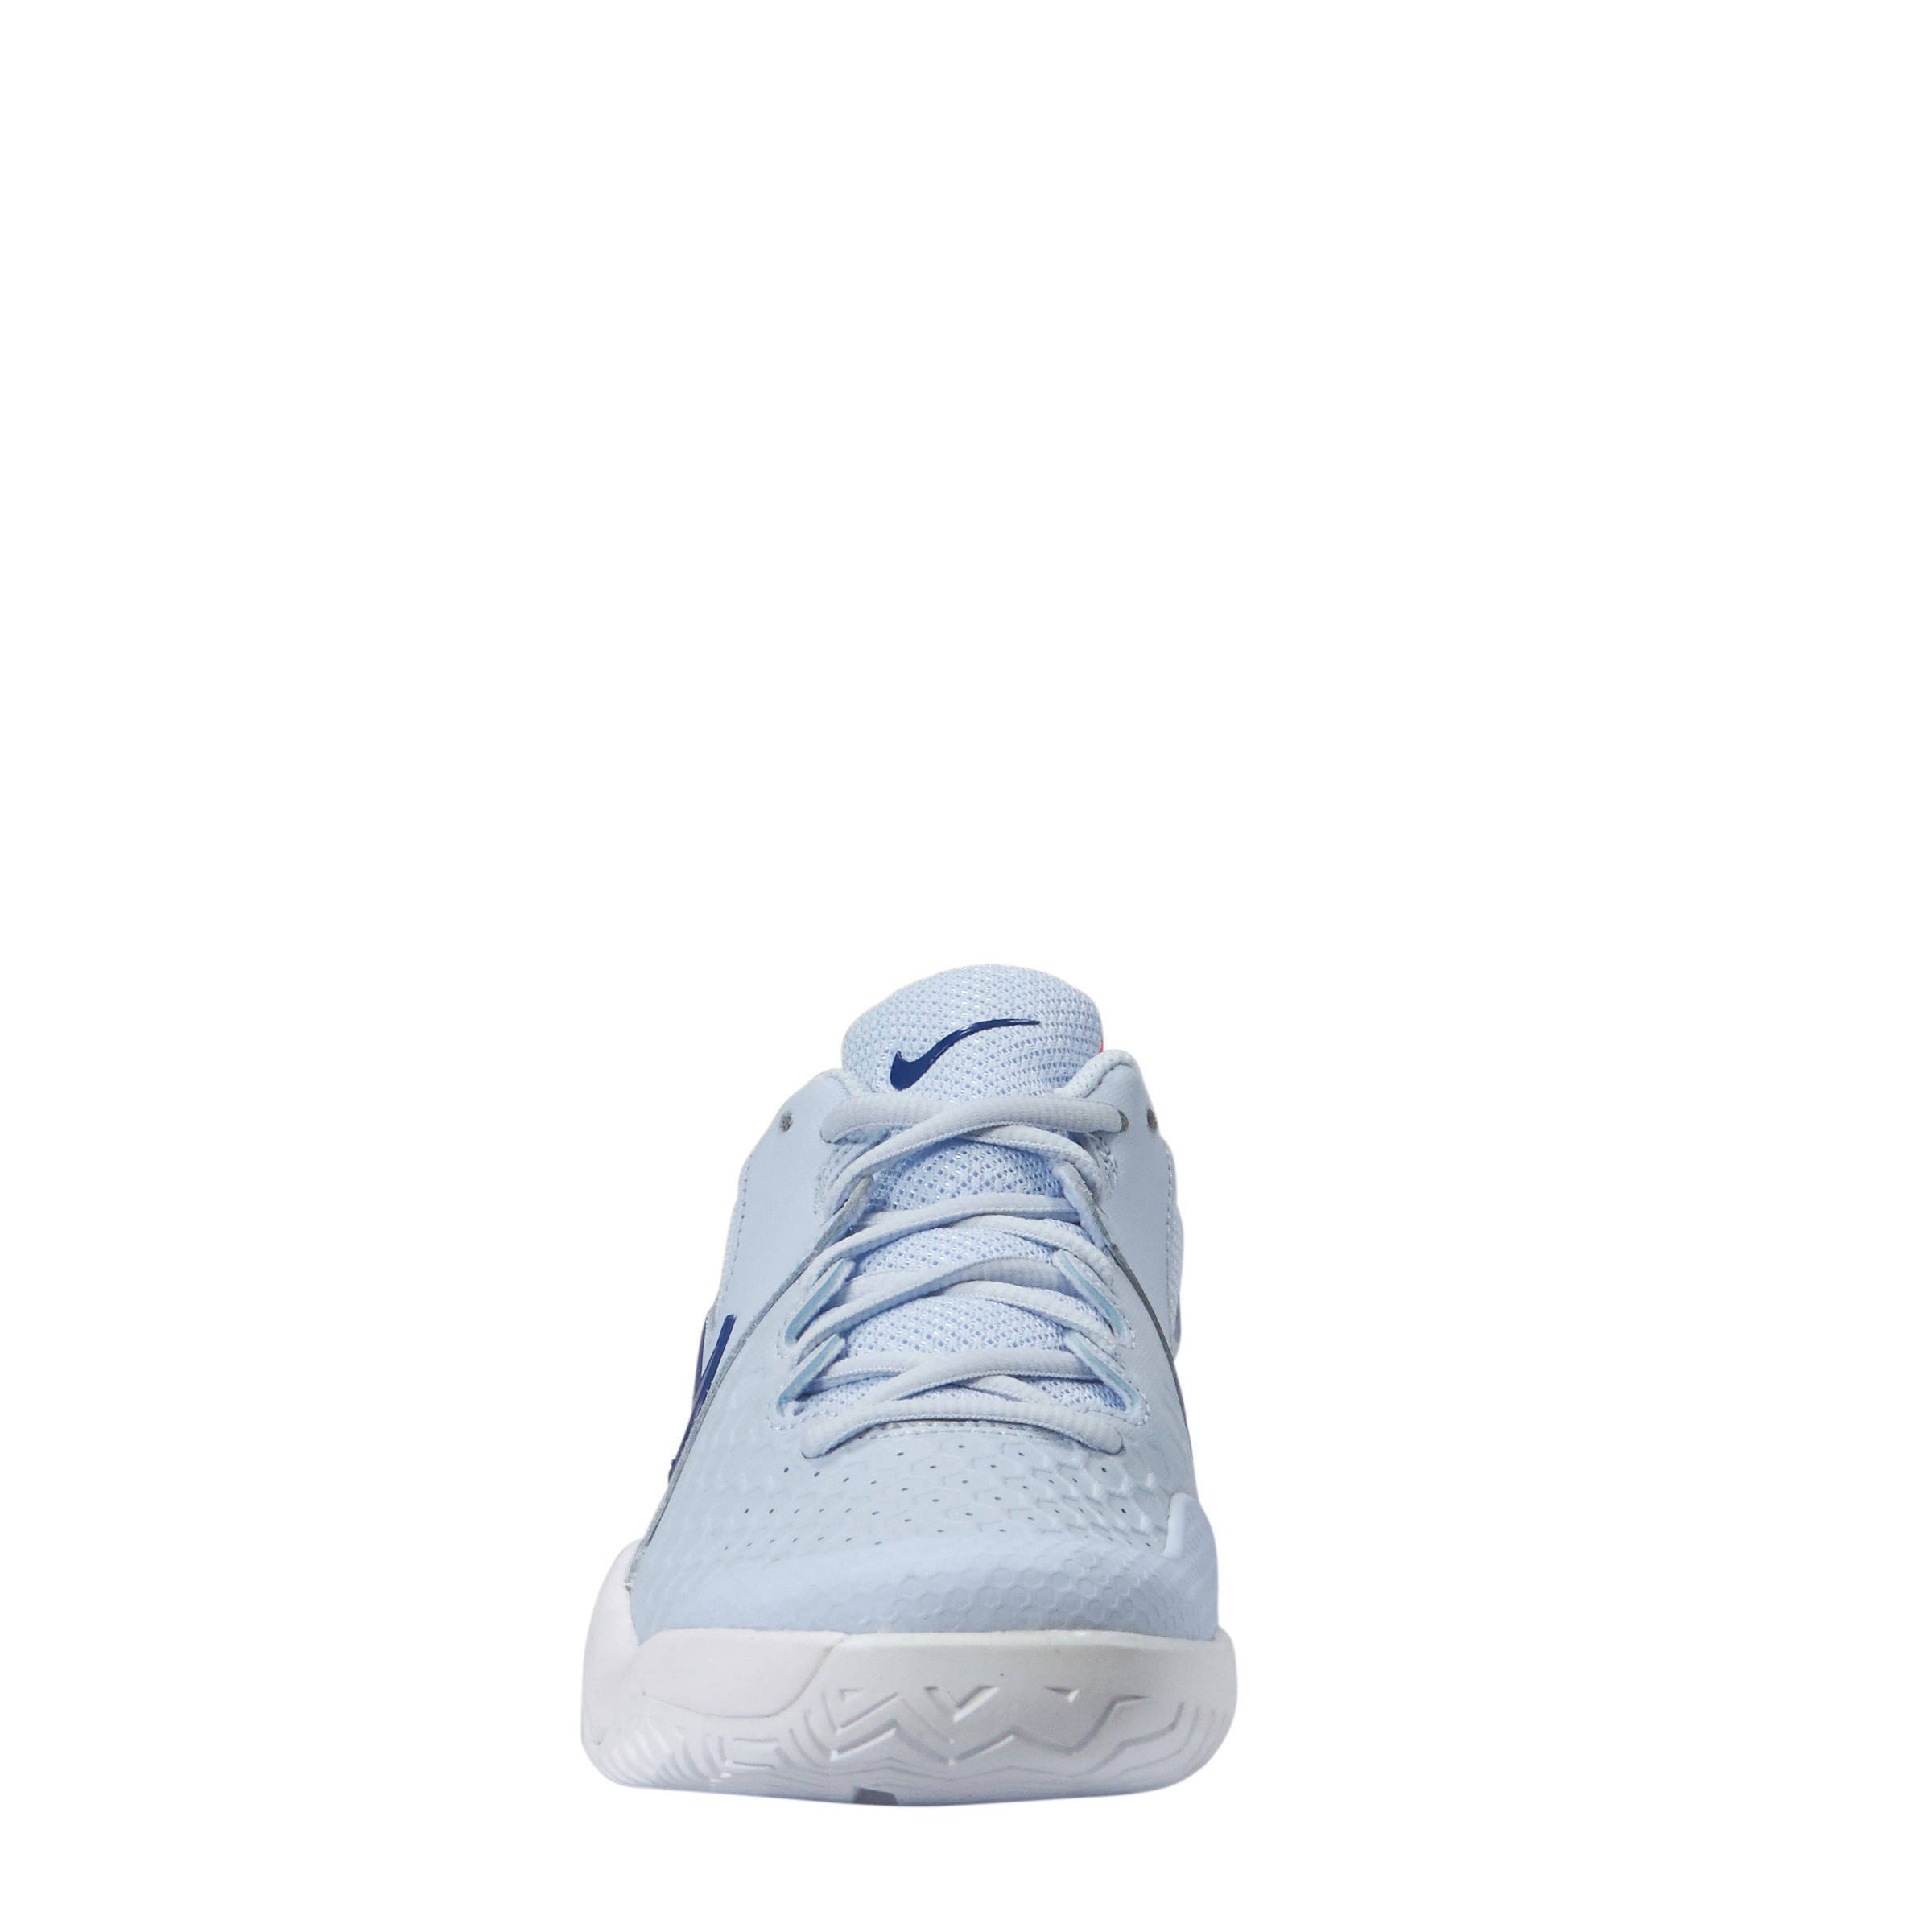 Nike Air Zoom Resistance tennisschoenen witzilver | wehkamp